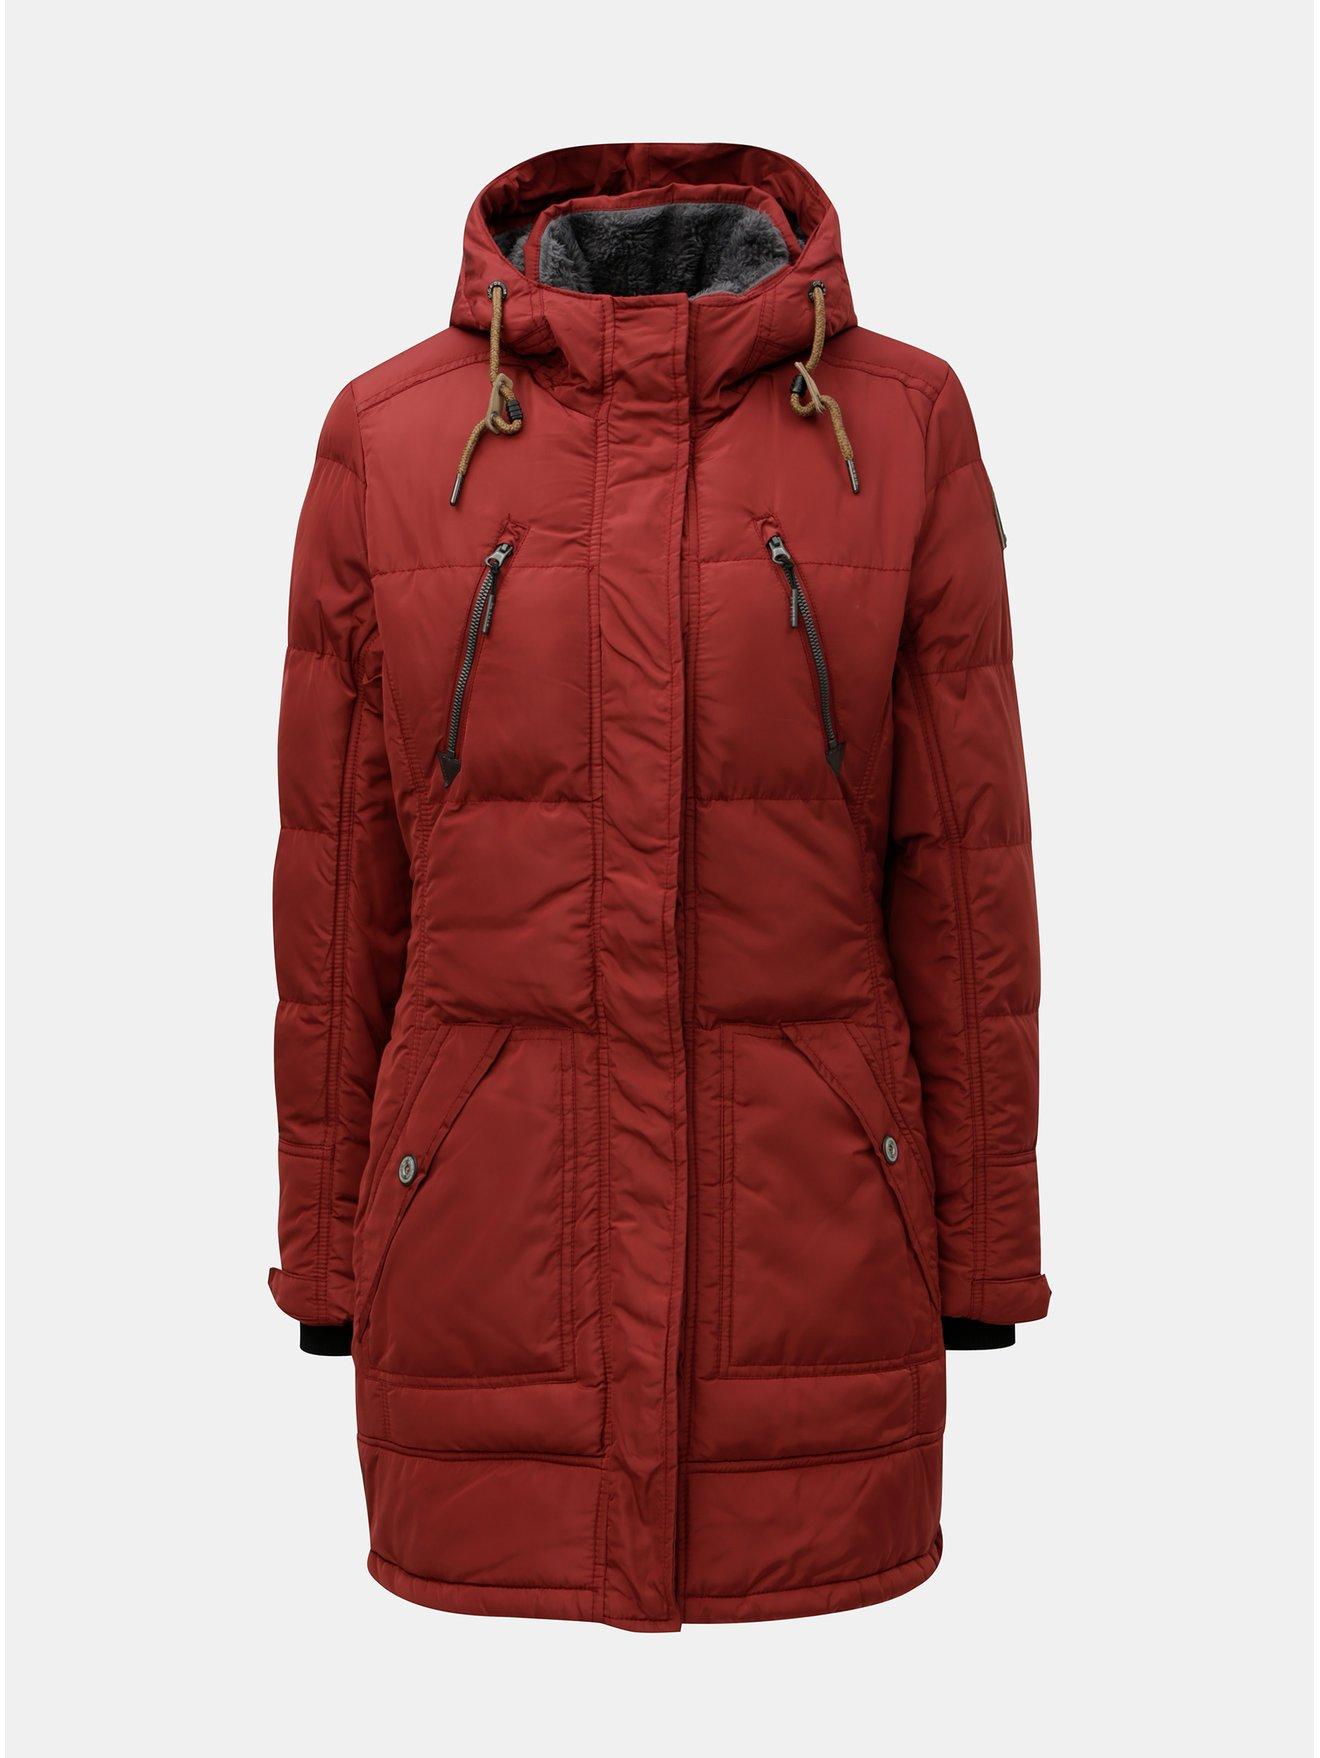 Červený dámský voděodolný zimní kabát killtec Treva